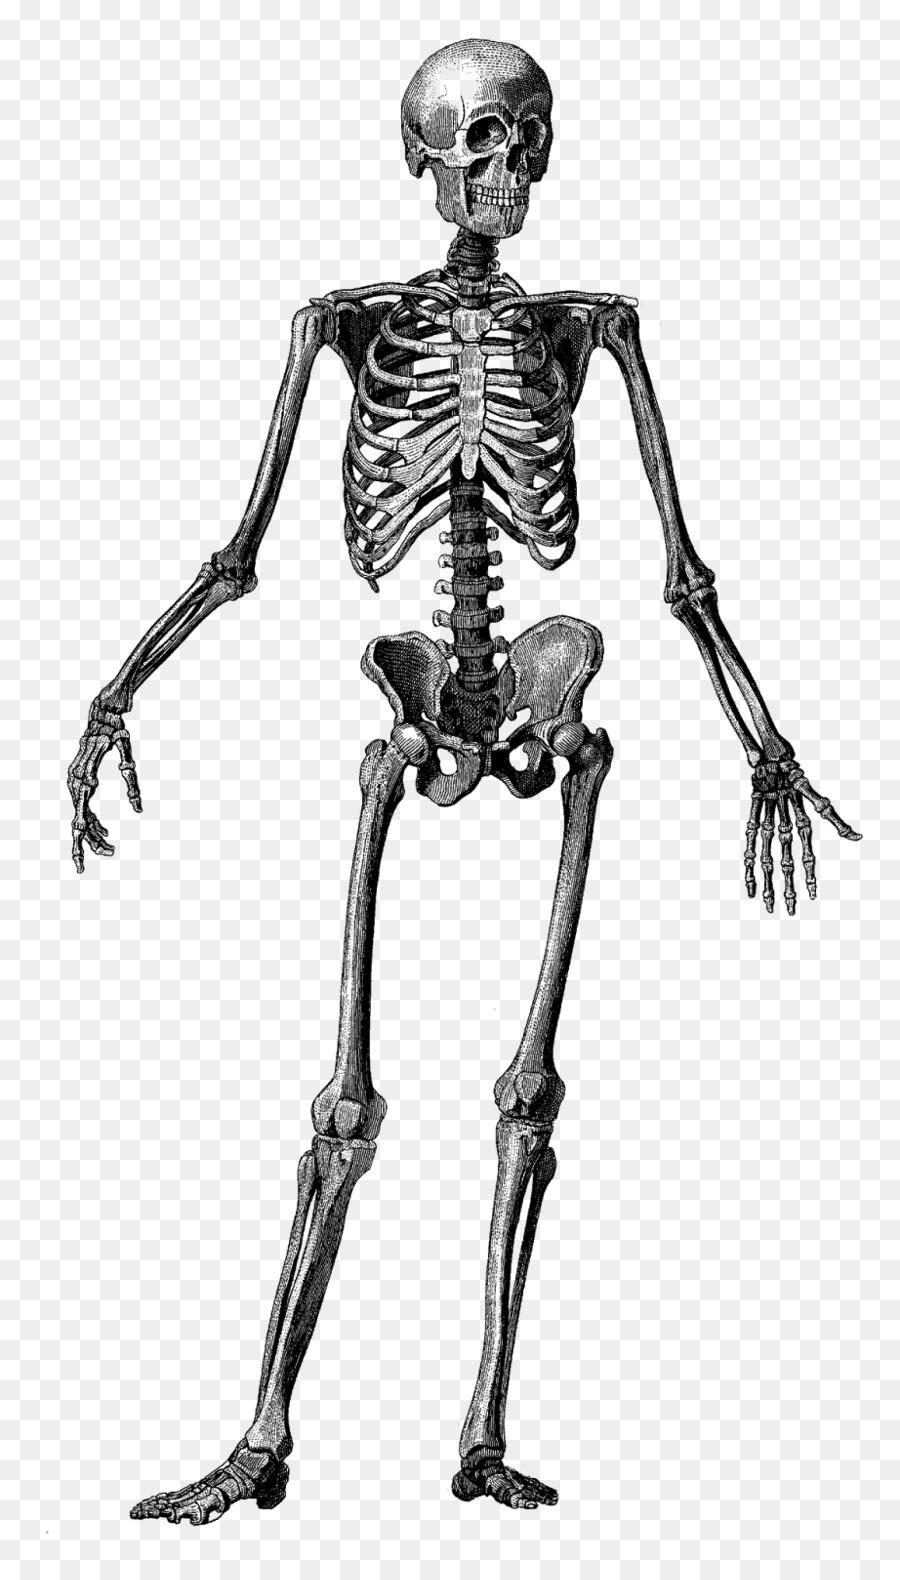 Esqueleto humano cuerpo Humano Anatomía Ósea - Esqueleto png dibujo ...